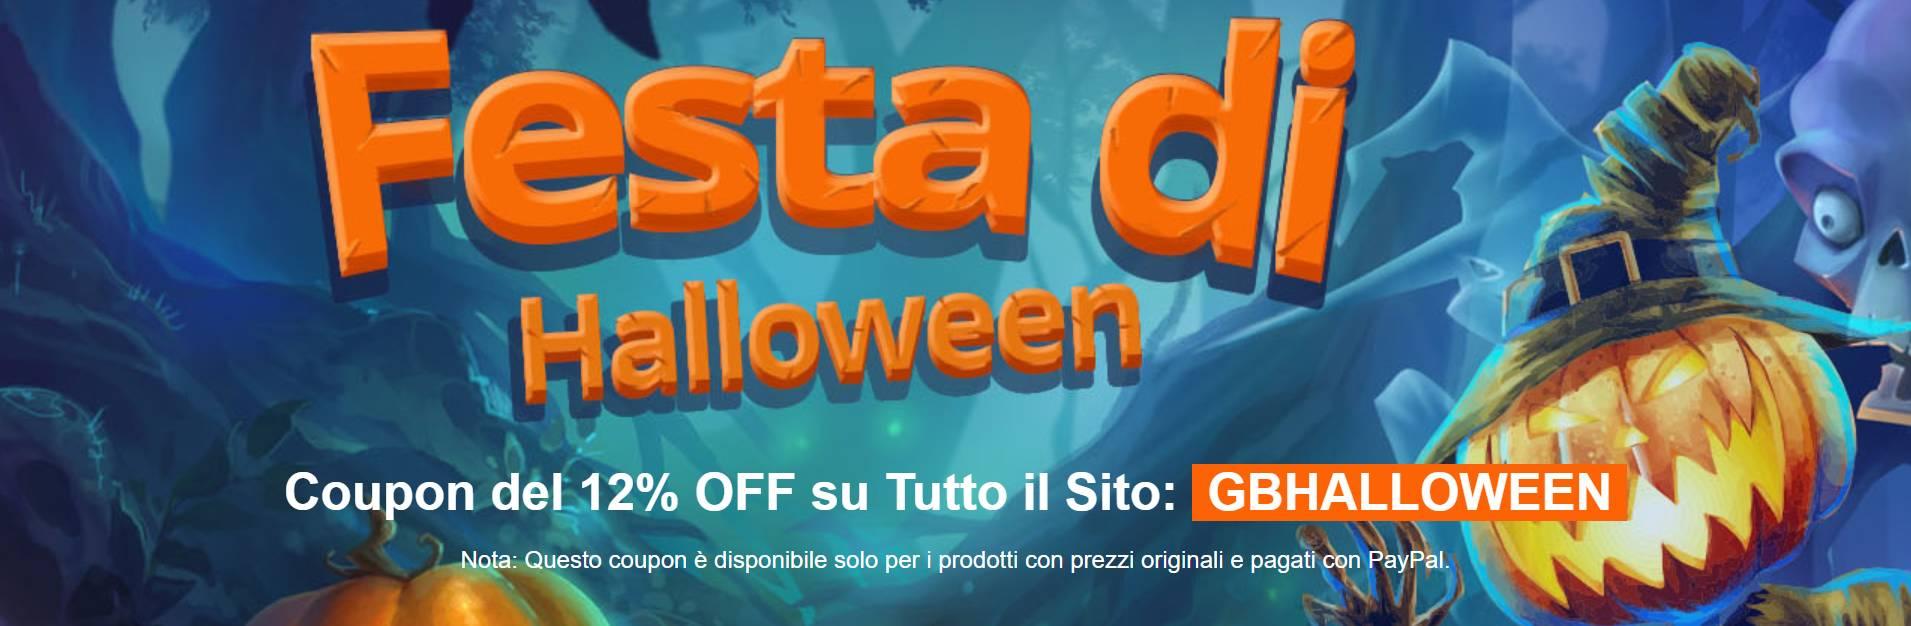 coupon gearbest halloween